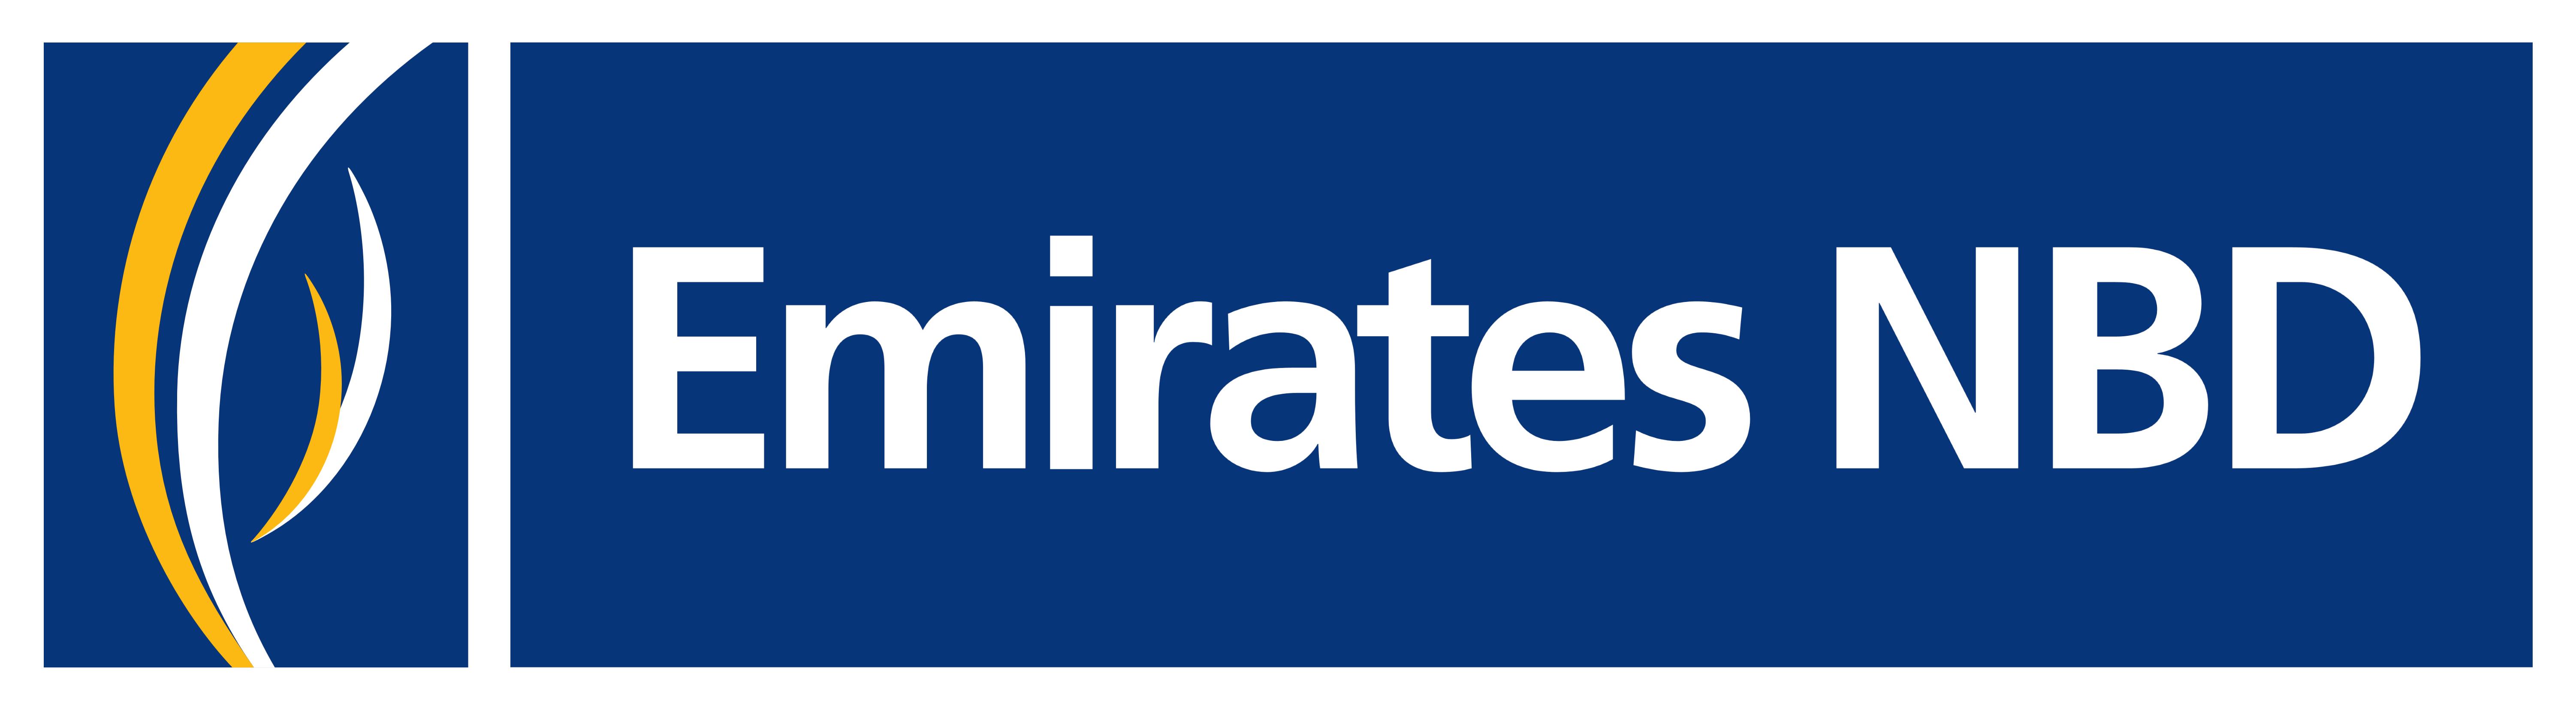 emirates nbd � logos download